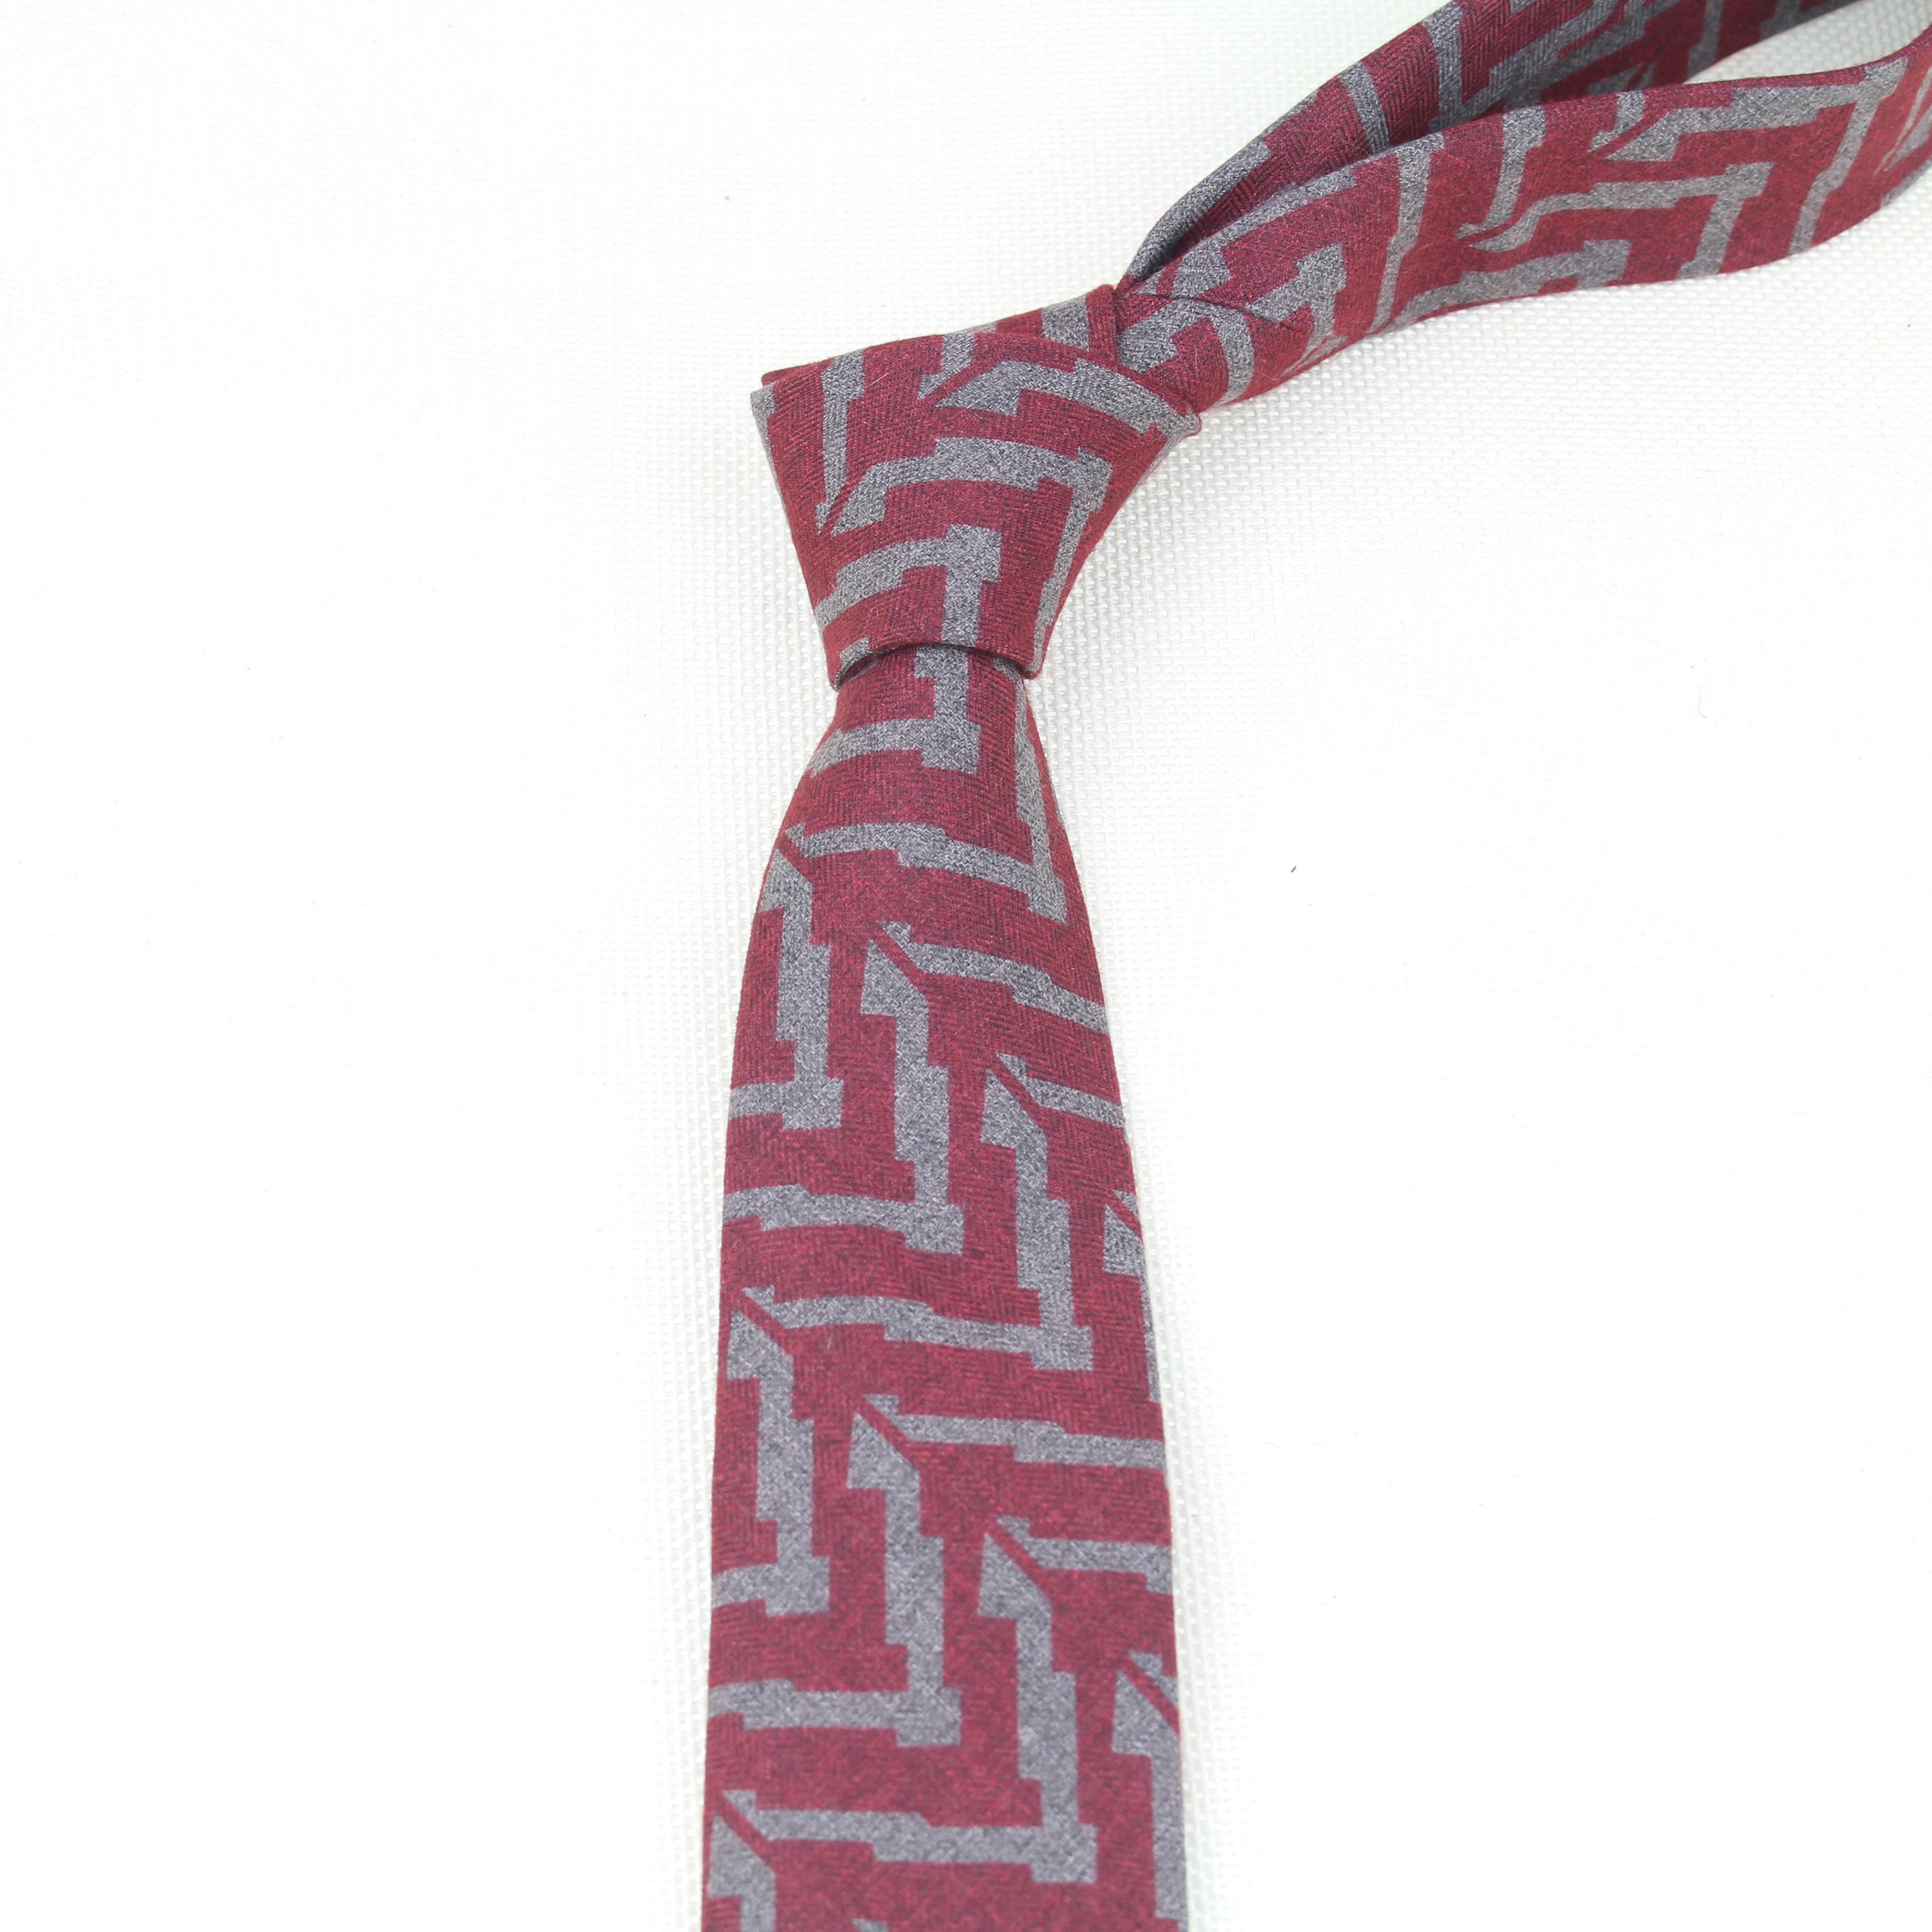 Мягкий мужской модный бриллиантовый в клетку искусственная шерсть хлопок полосатый тонкий галстук мужской деловой маленький галстук дизайнерский галстук темного цвета